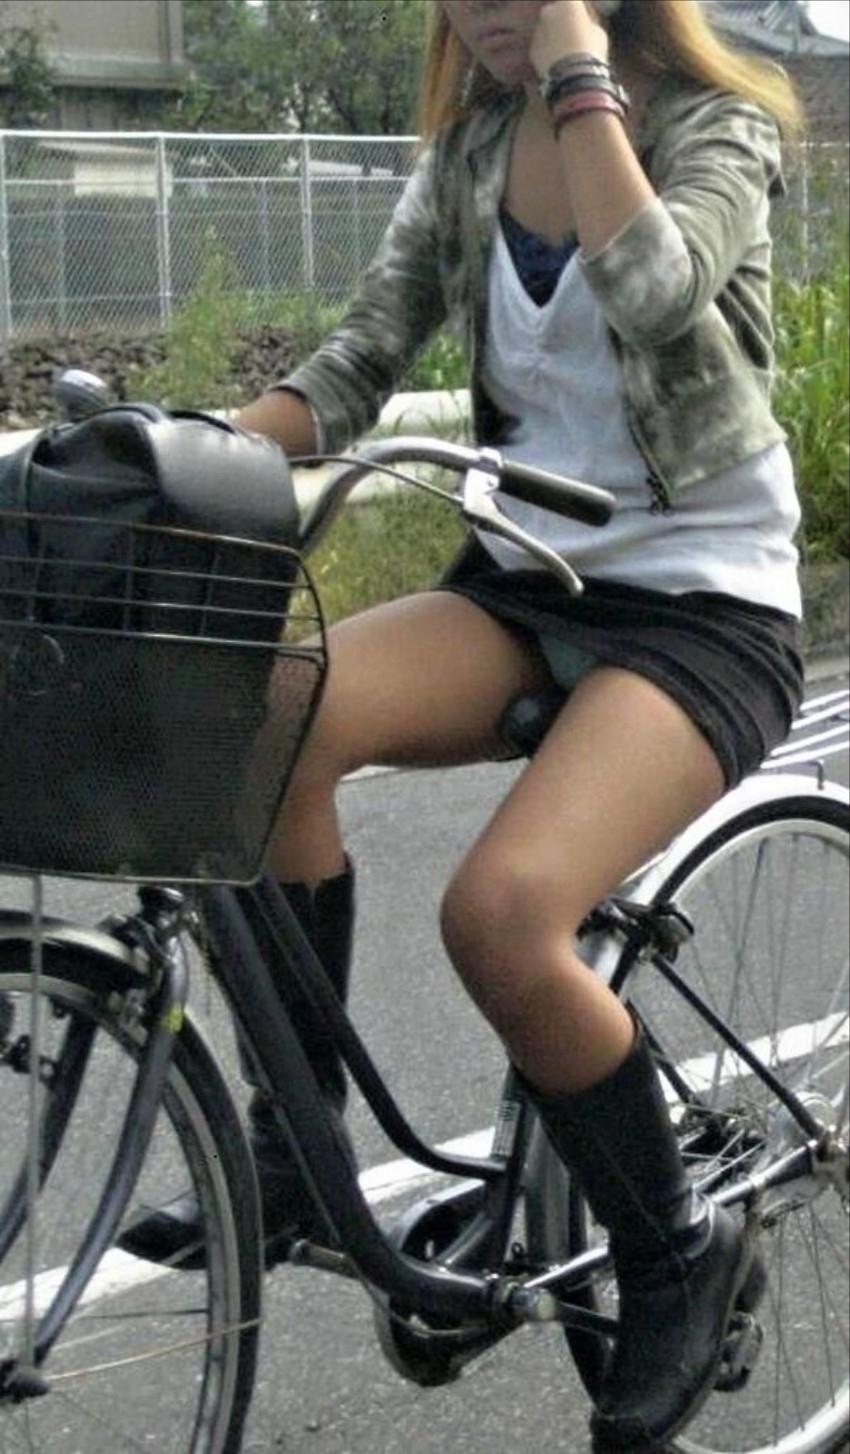 OLの白タイトミニと自転車パンチラの盗撮エロ画像2枚目